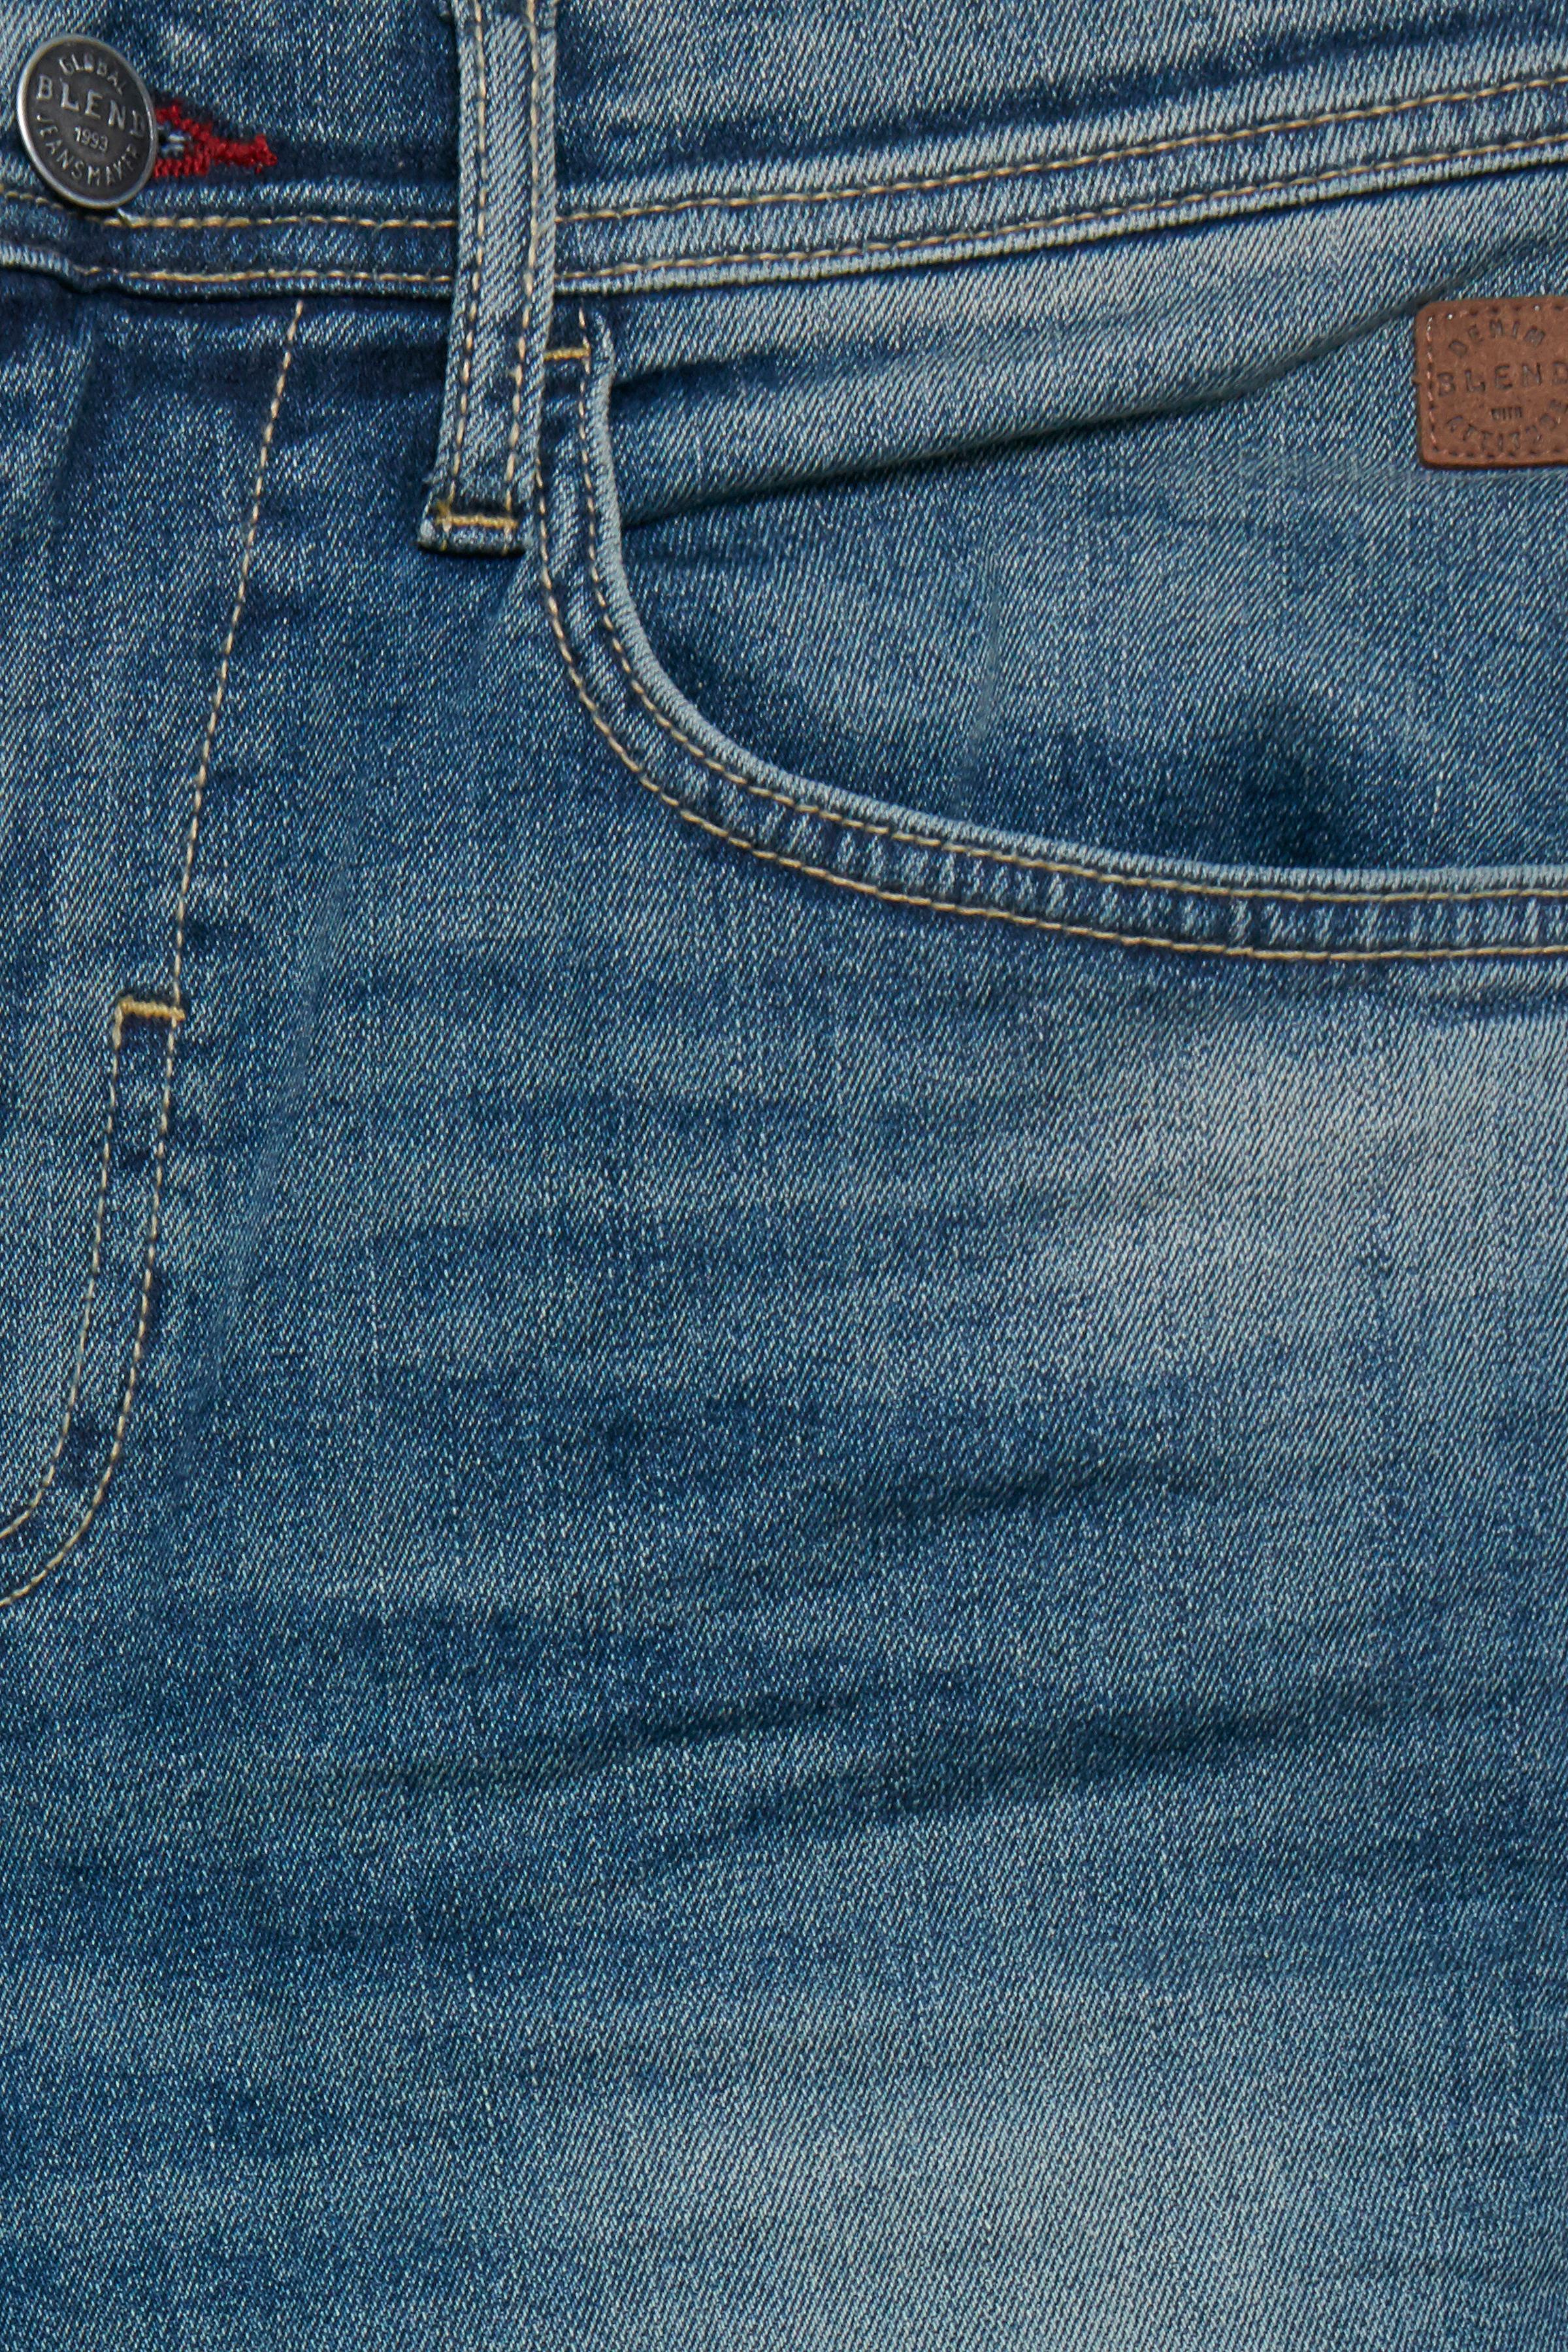 Denim Middle blue Twister jeans fra Blend He – Køb Denim Middle blue Twister jeans fra str. 28-42 her